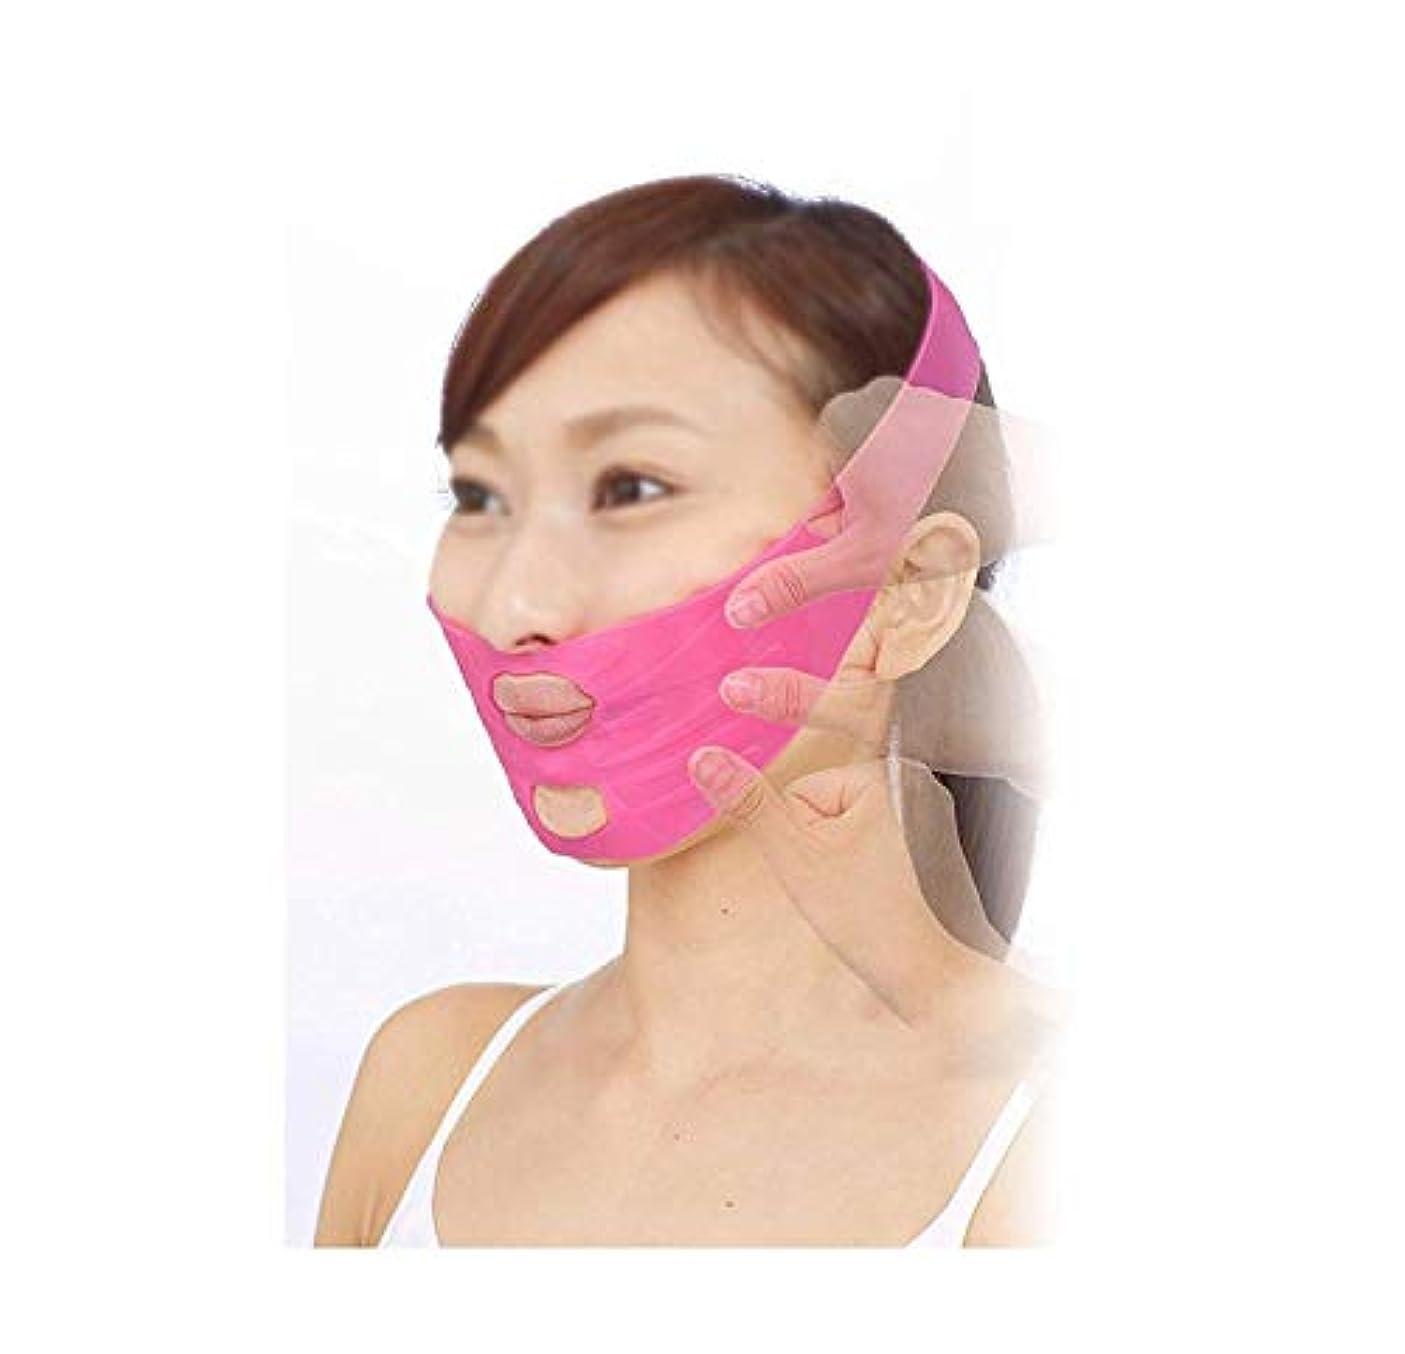 オフェンス気晴らし明確にフェイシャルマスク、リフティングアーティファクトフェイスマスク垂れ下がった小さなVフェイスバンデージ付きの顔